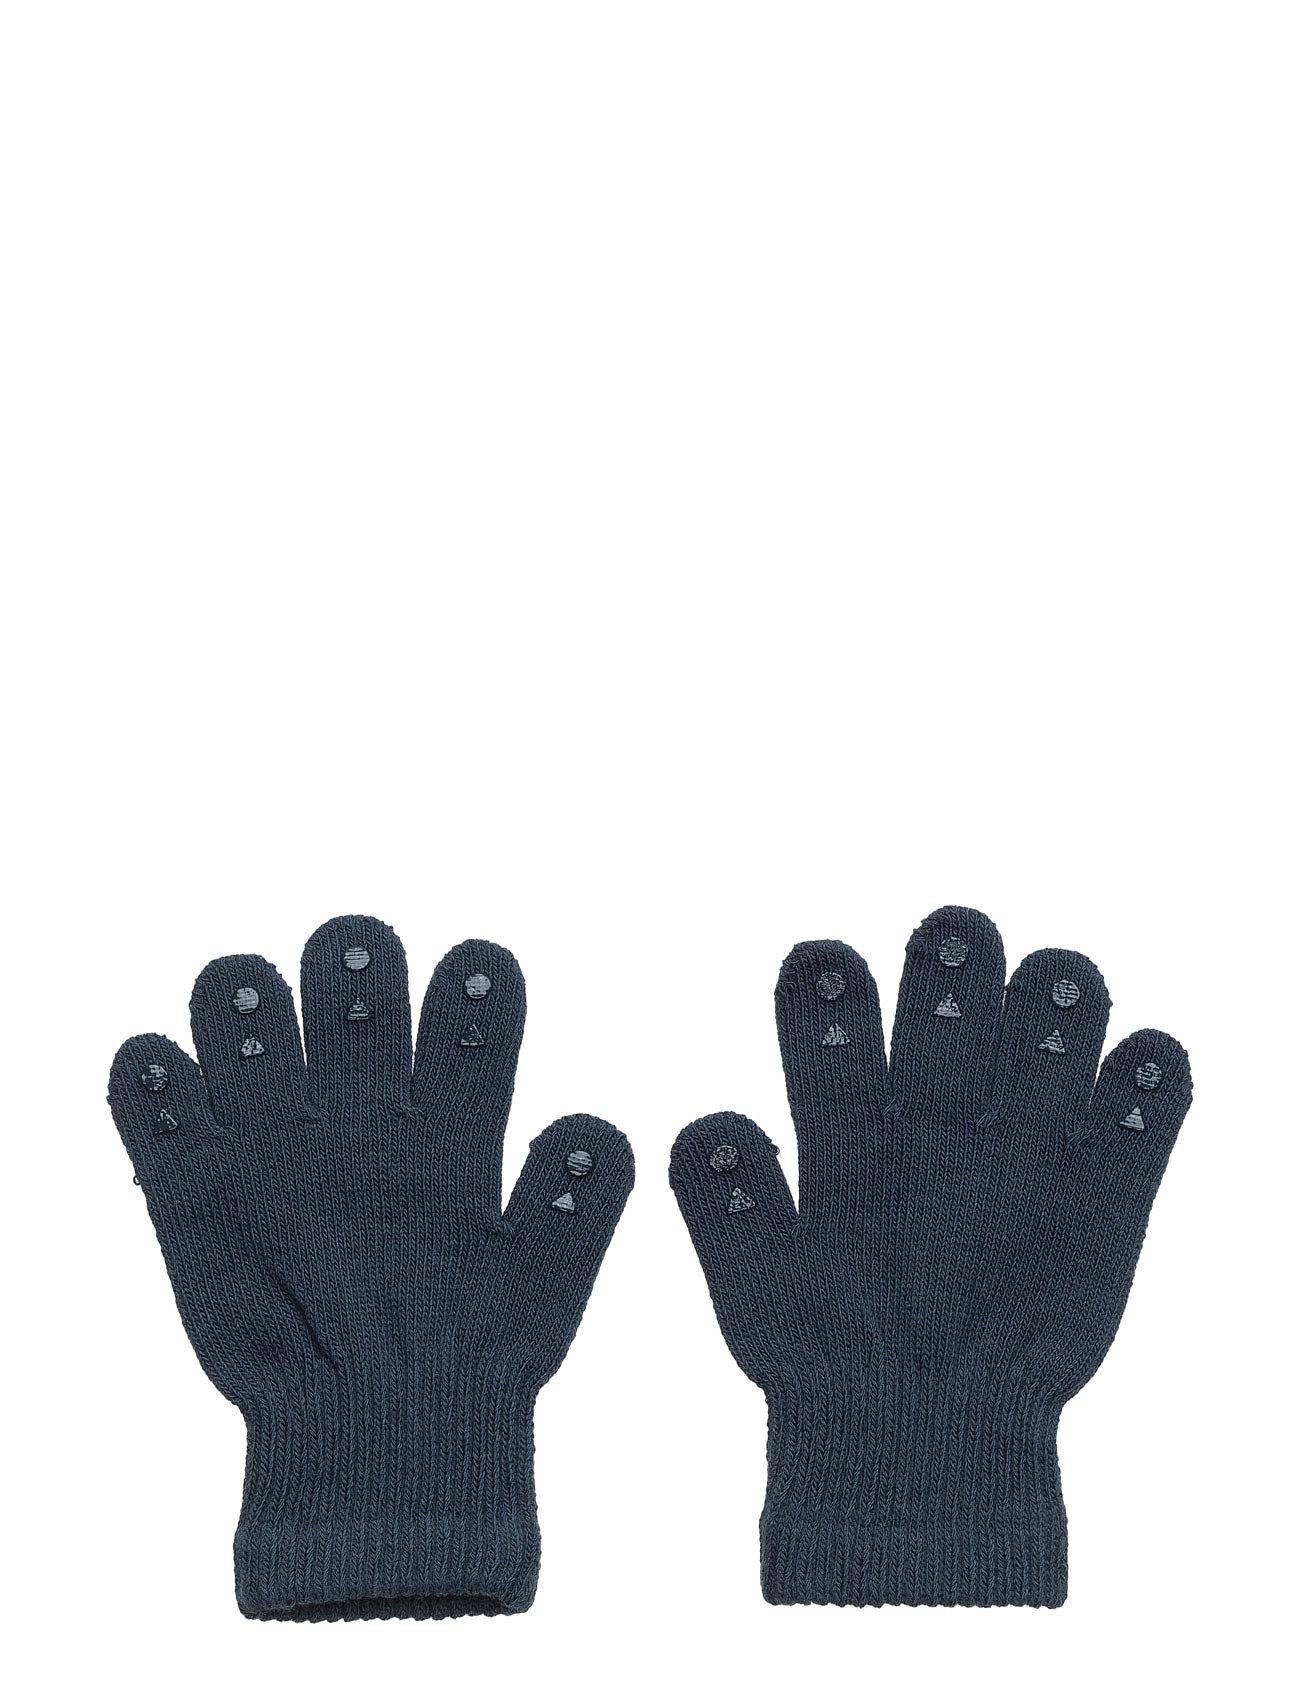 GoBabyGo Grip Gloves - PETROLEUM BLUE